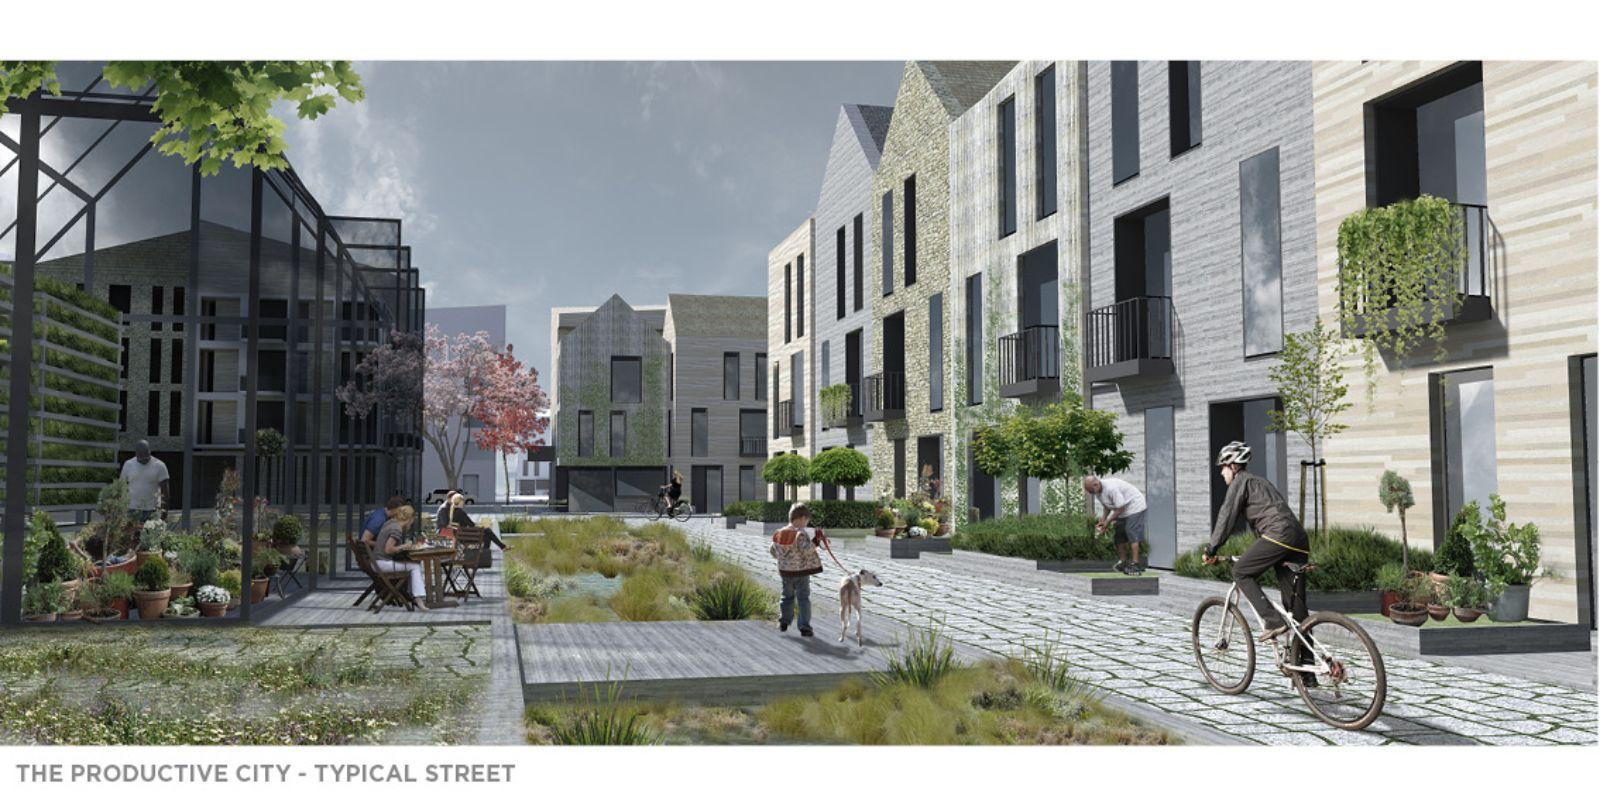 Brno centre a model for productive city living